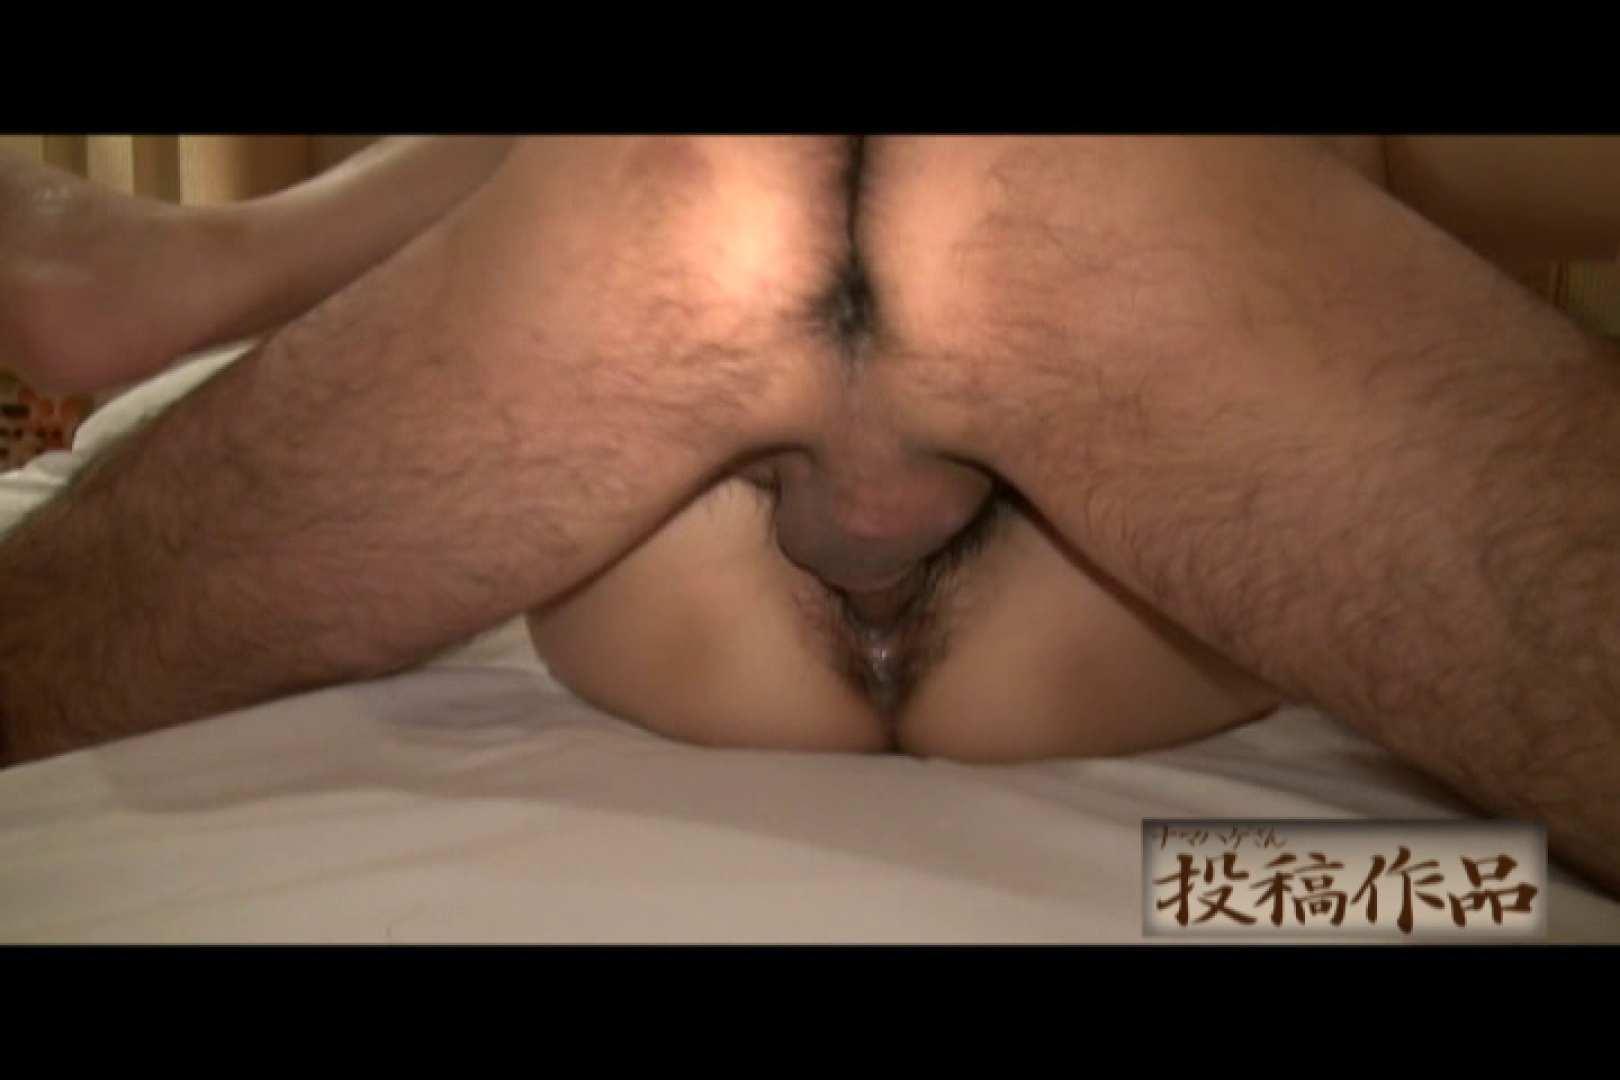 ナマハゲさんのまんこコレクション sakura 盗撮エロすぎ   熟女  34連発 28